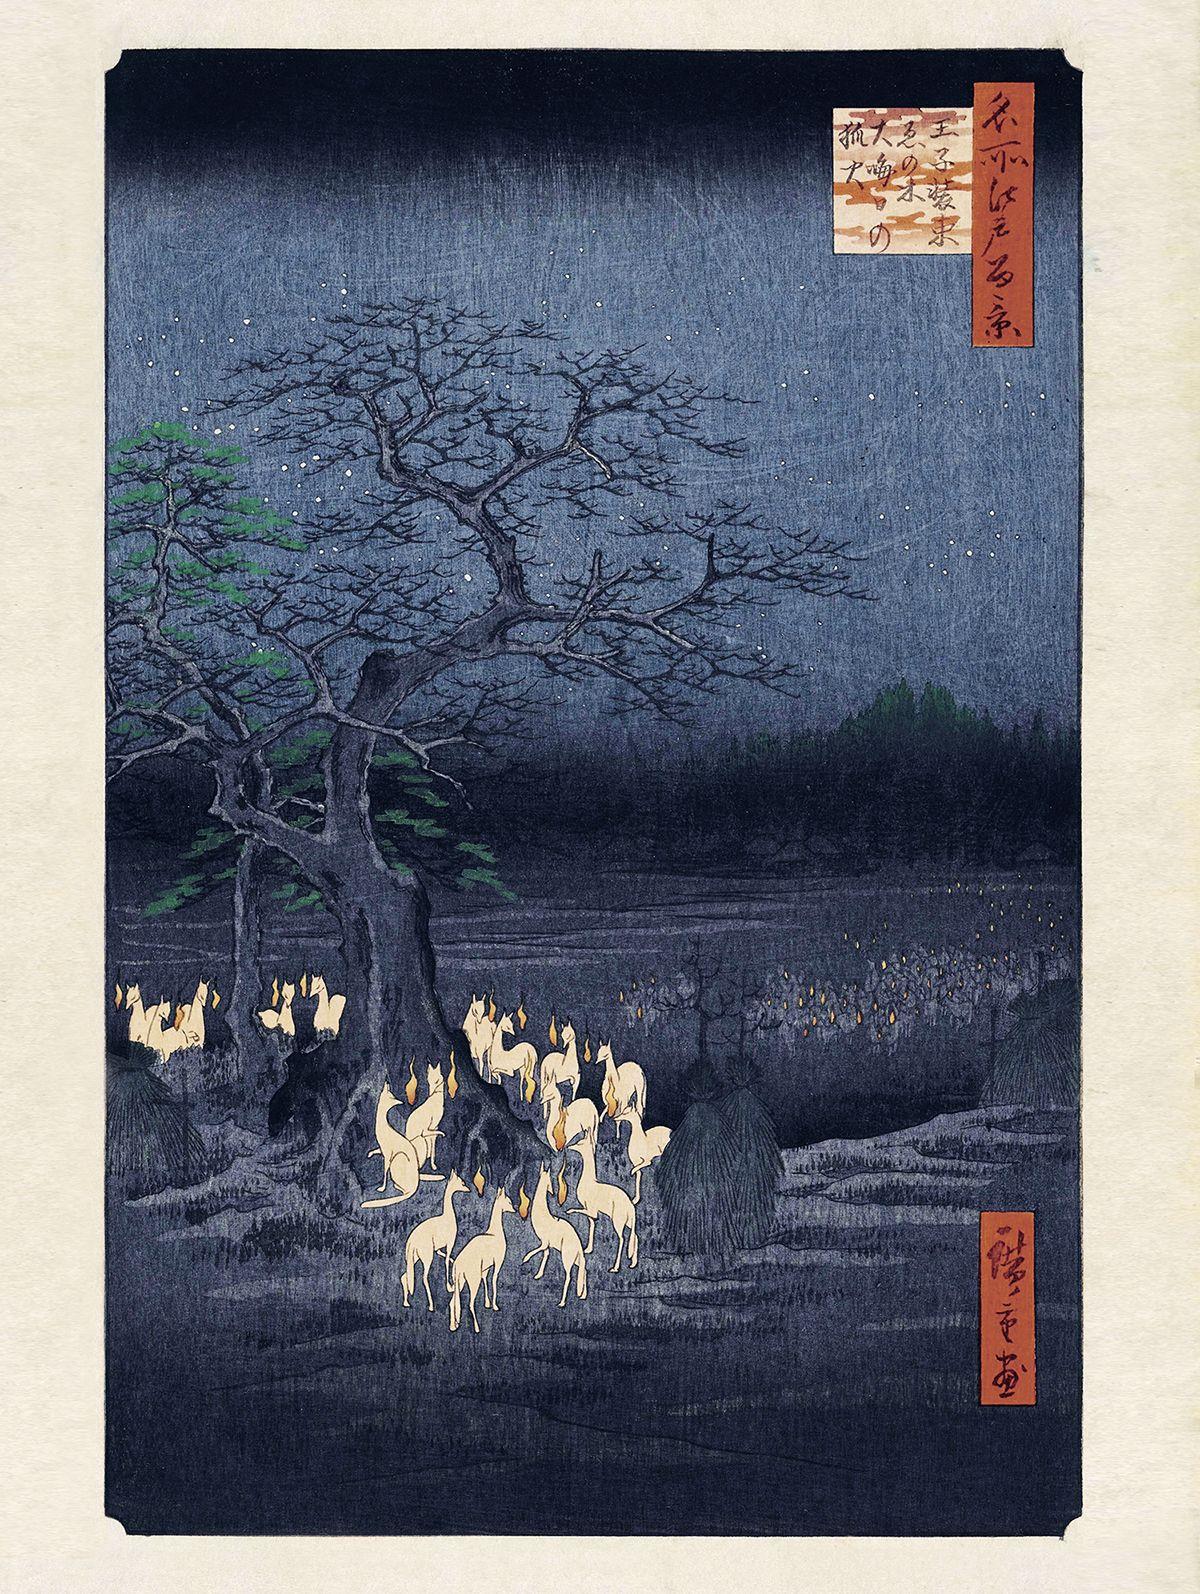 Hiroshige Kunstdruck (mit Bildern) Kunstdruck, Kunst, Poster